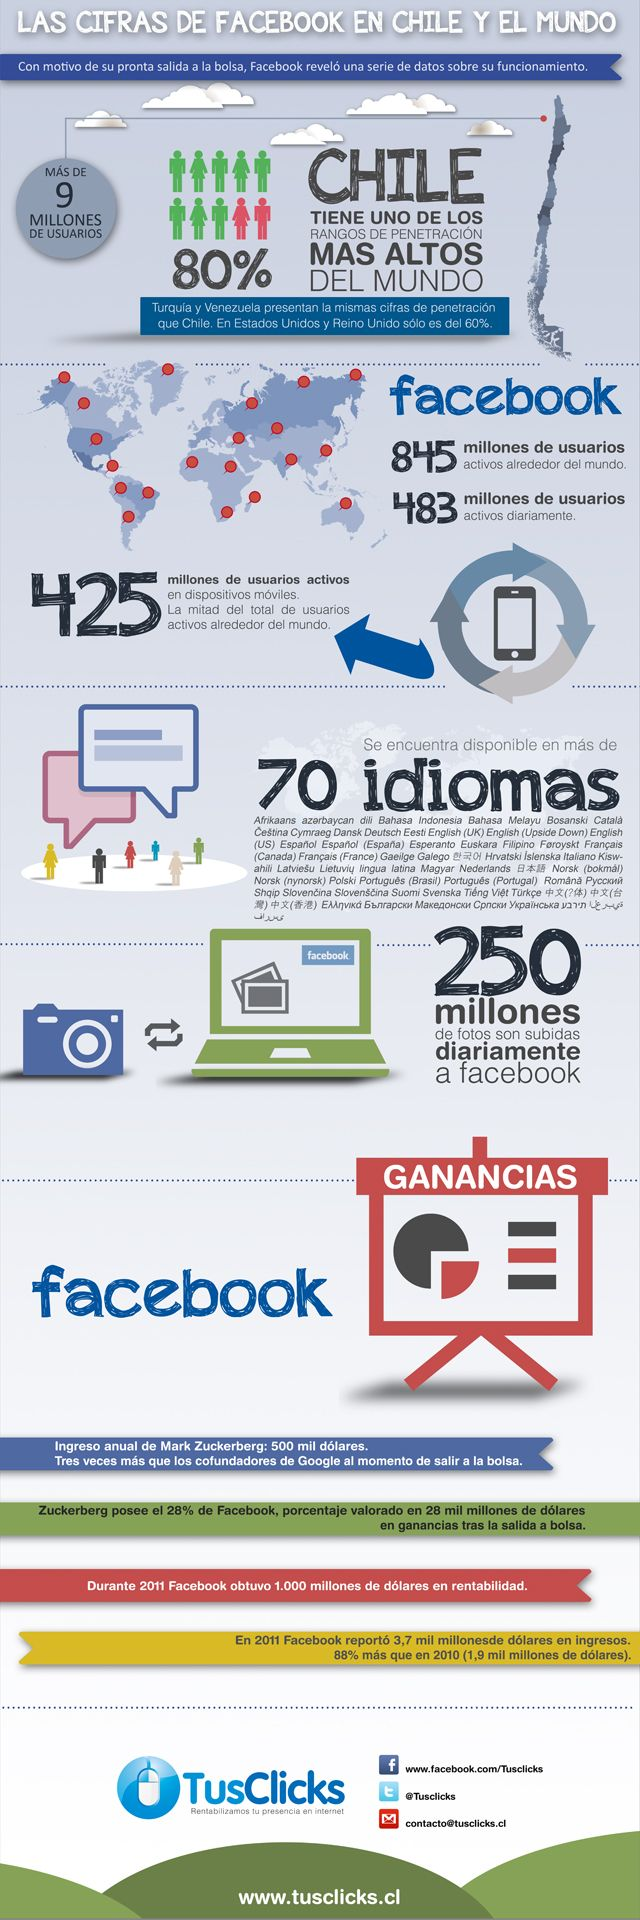 Las cifras de FaceBook en Chile y el Mundo #infografia